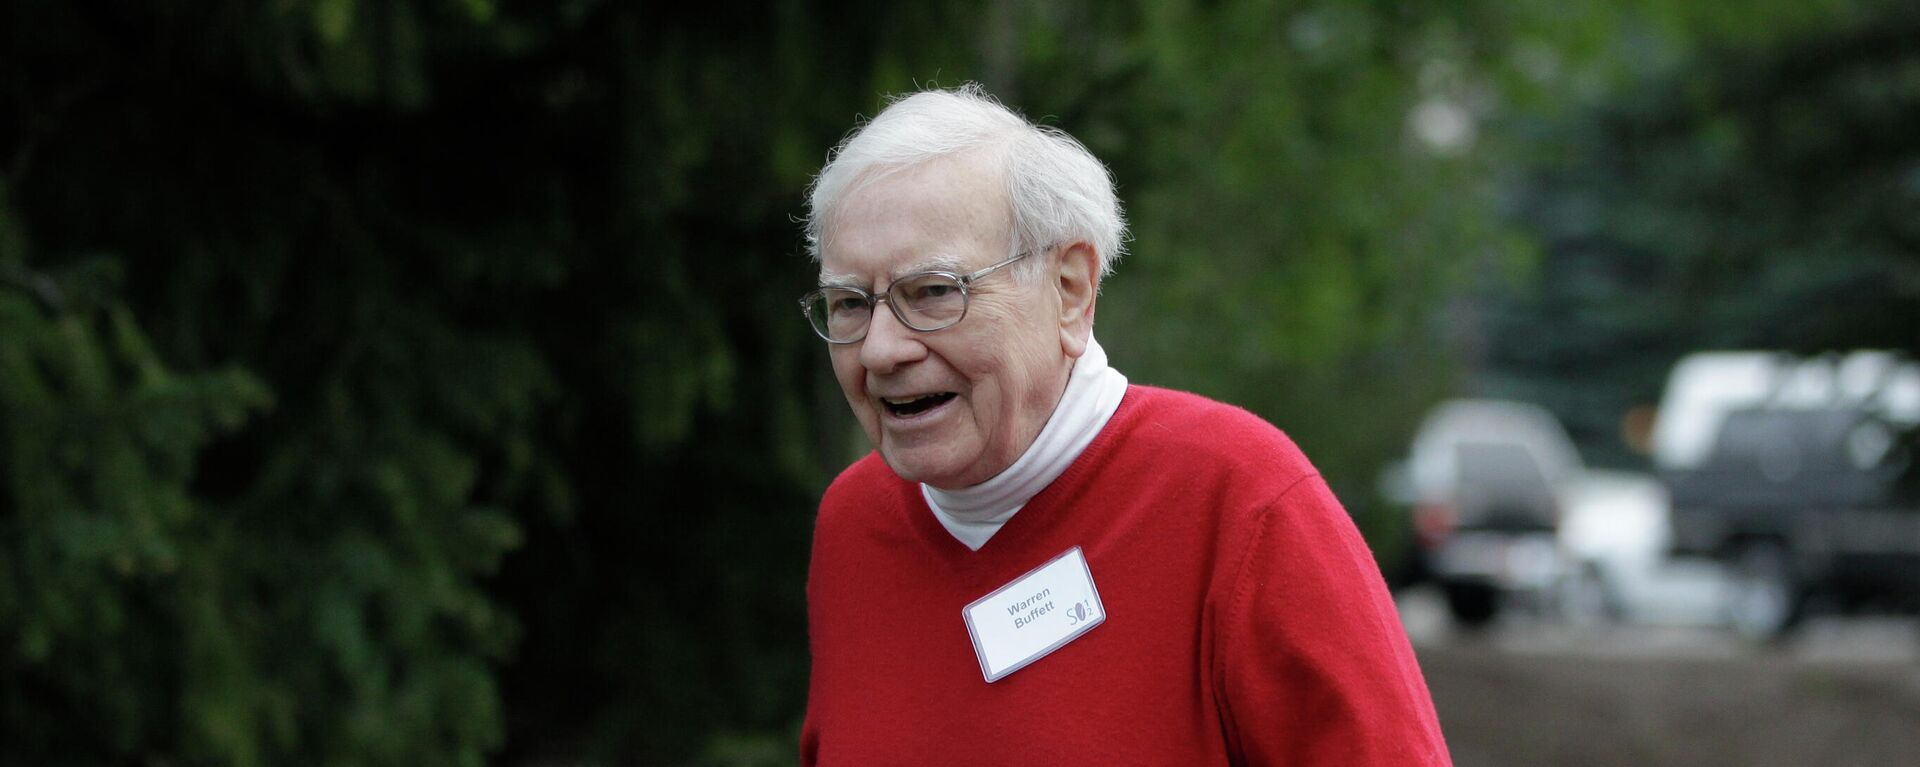 Warren Buffett, presidente de Berkshire Hathaway - Sputnik Mundo, 1920, 30.06.2021